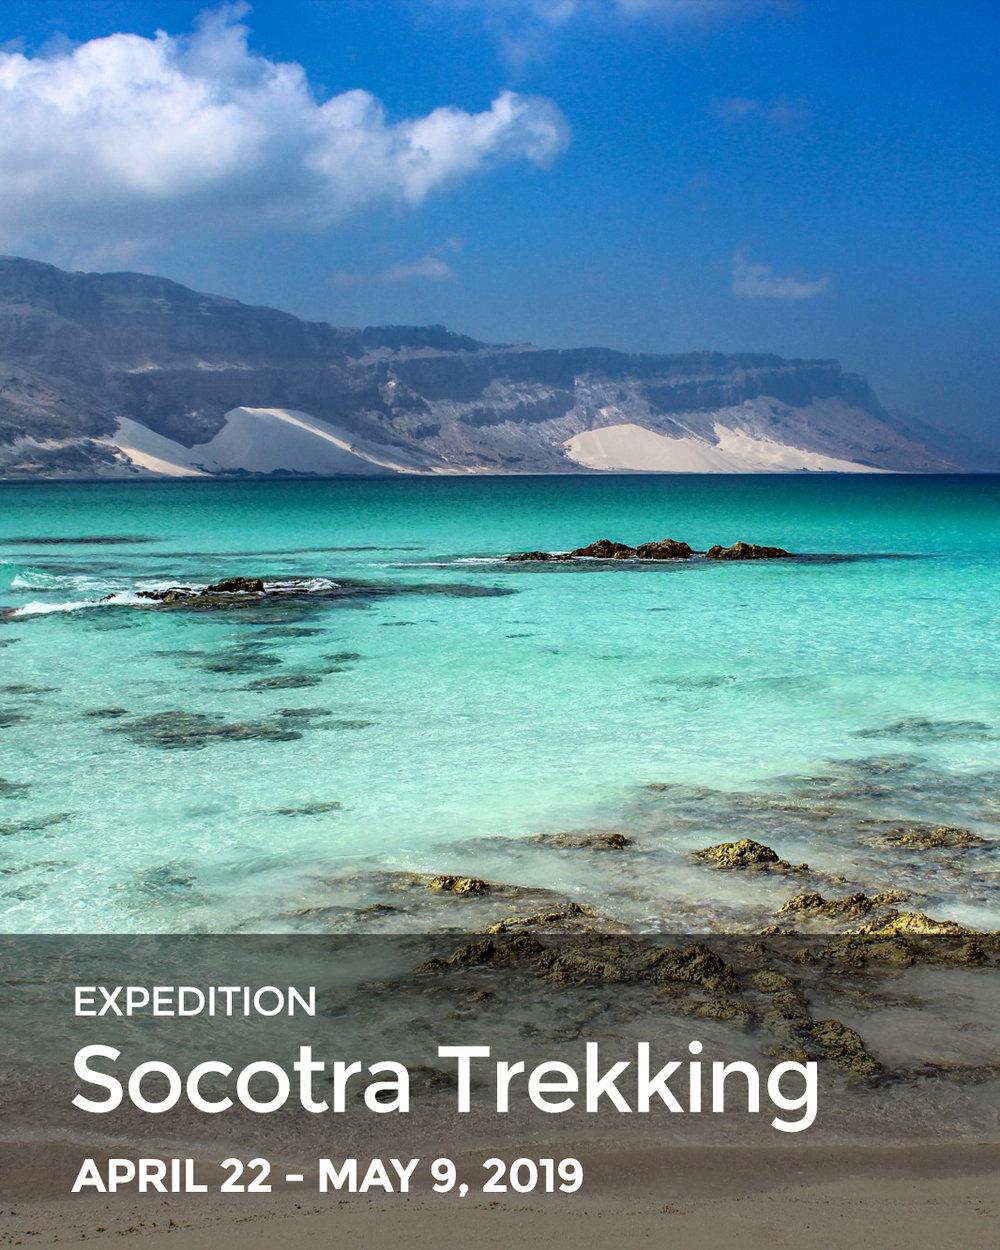 socotra-trekking-expedition-inertia-network-socotra-yemen-travel.jpg